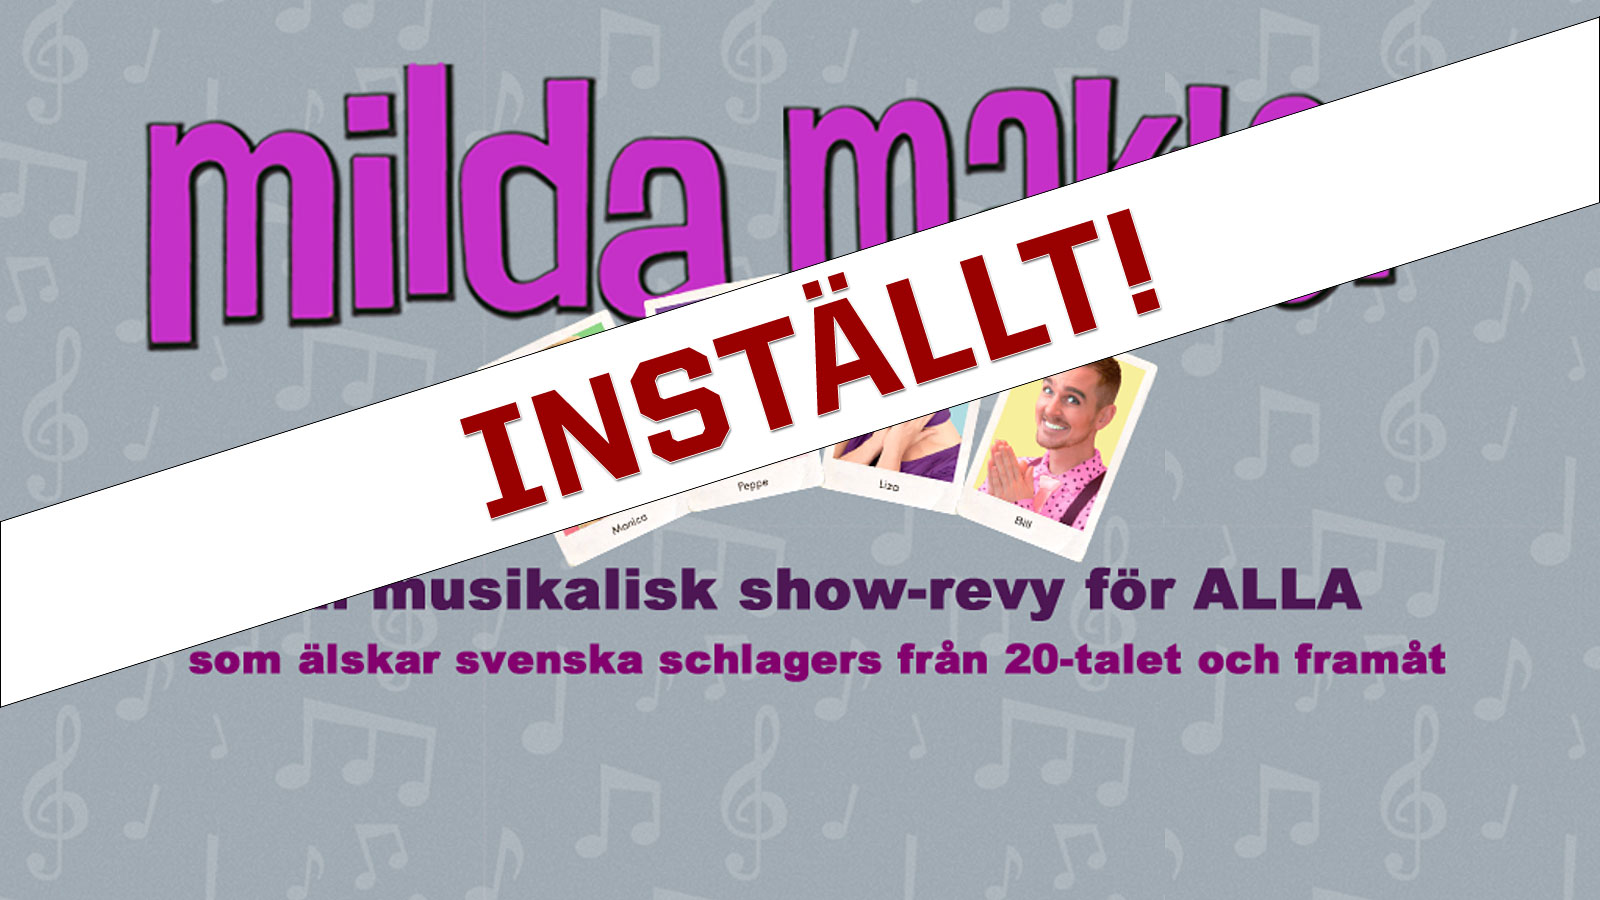 Installt Milda Makter Ny 1600x900